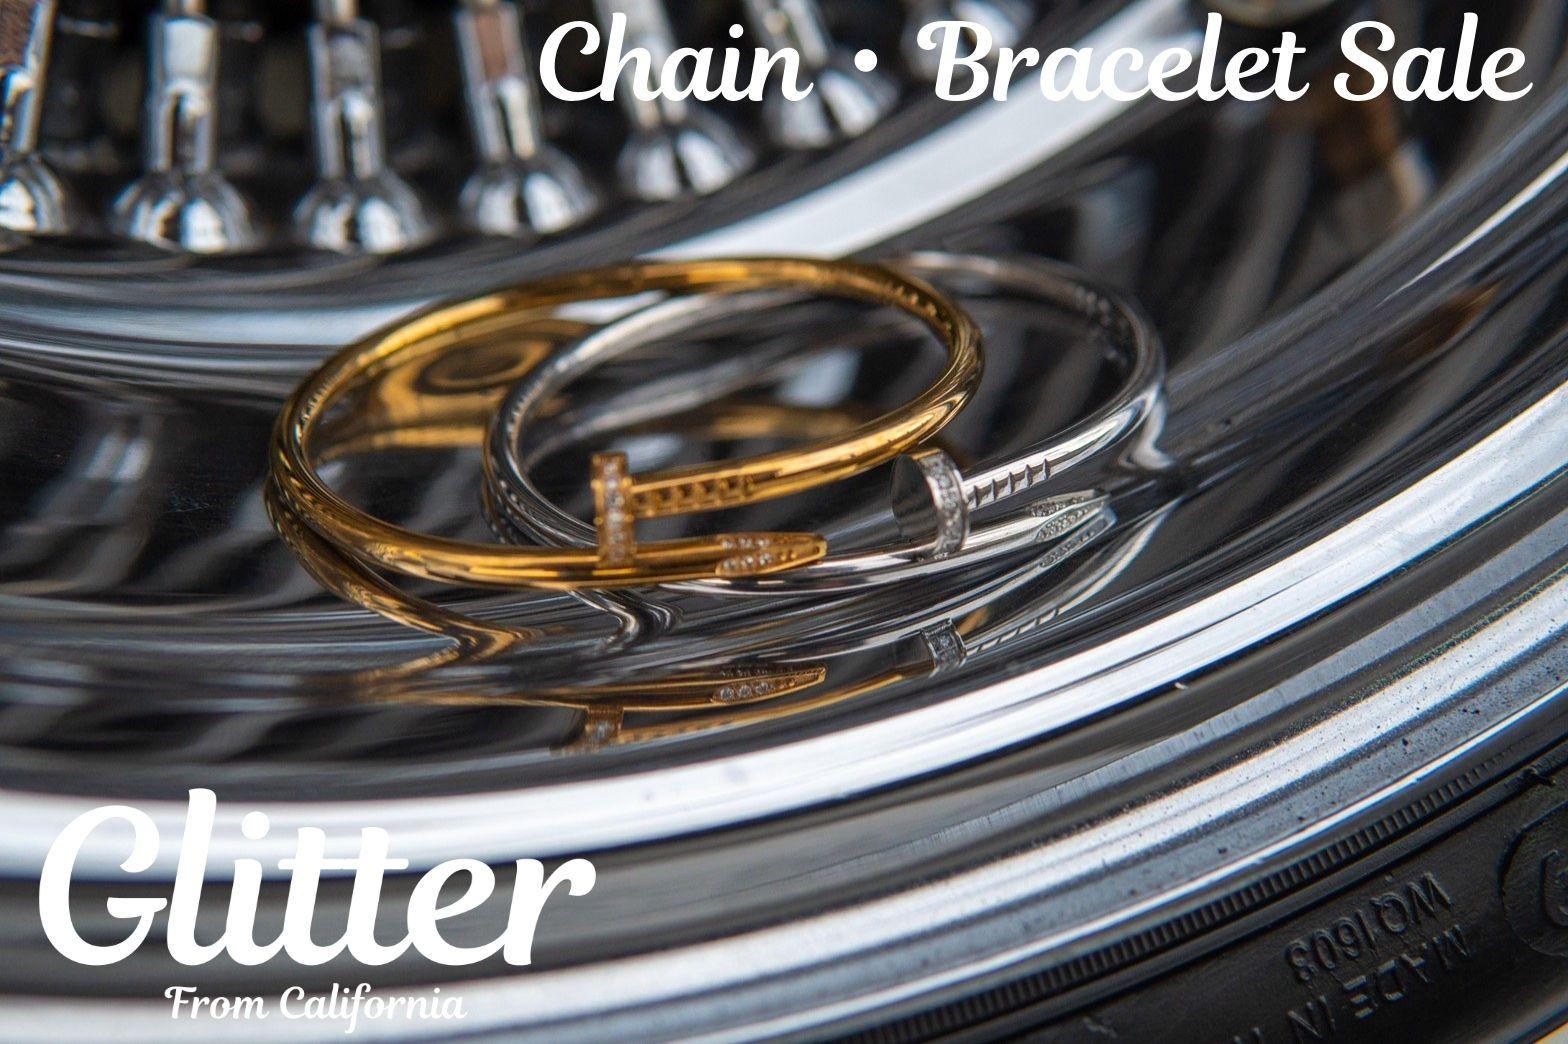 CHAIN・BRACELET SALE 🔥-MAX 35% OFF-🔥